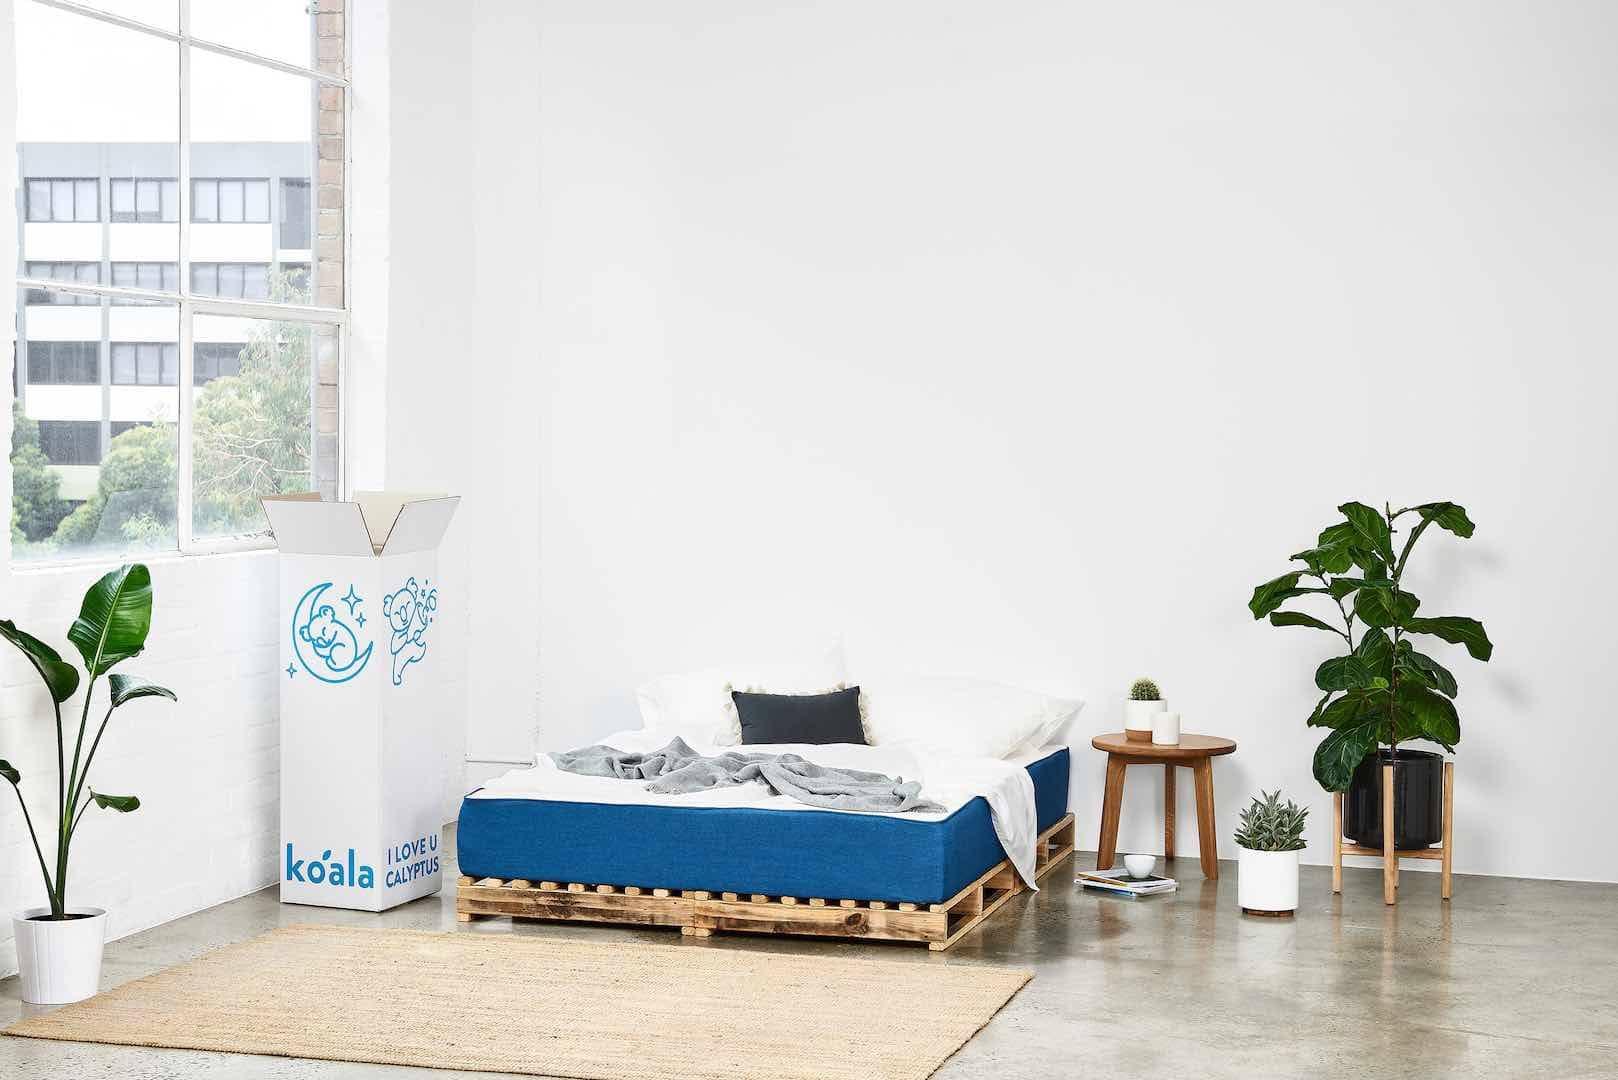 koala mattress on bed in concrete floor bedroom